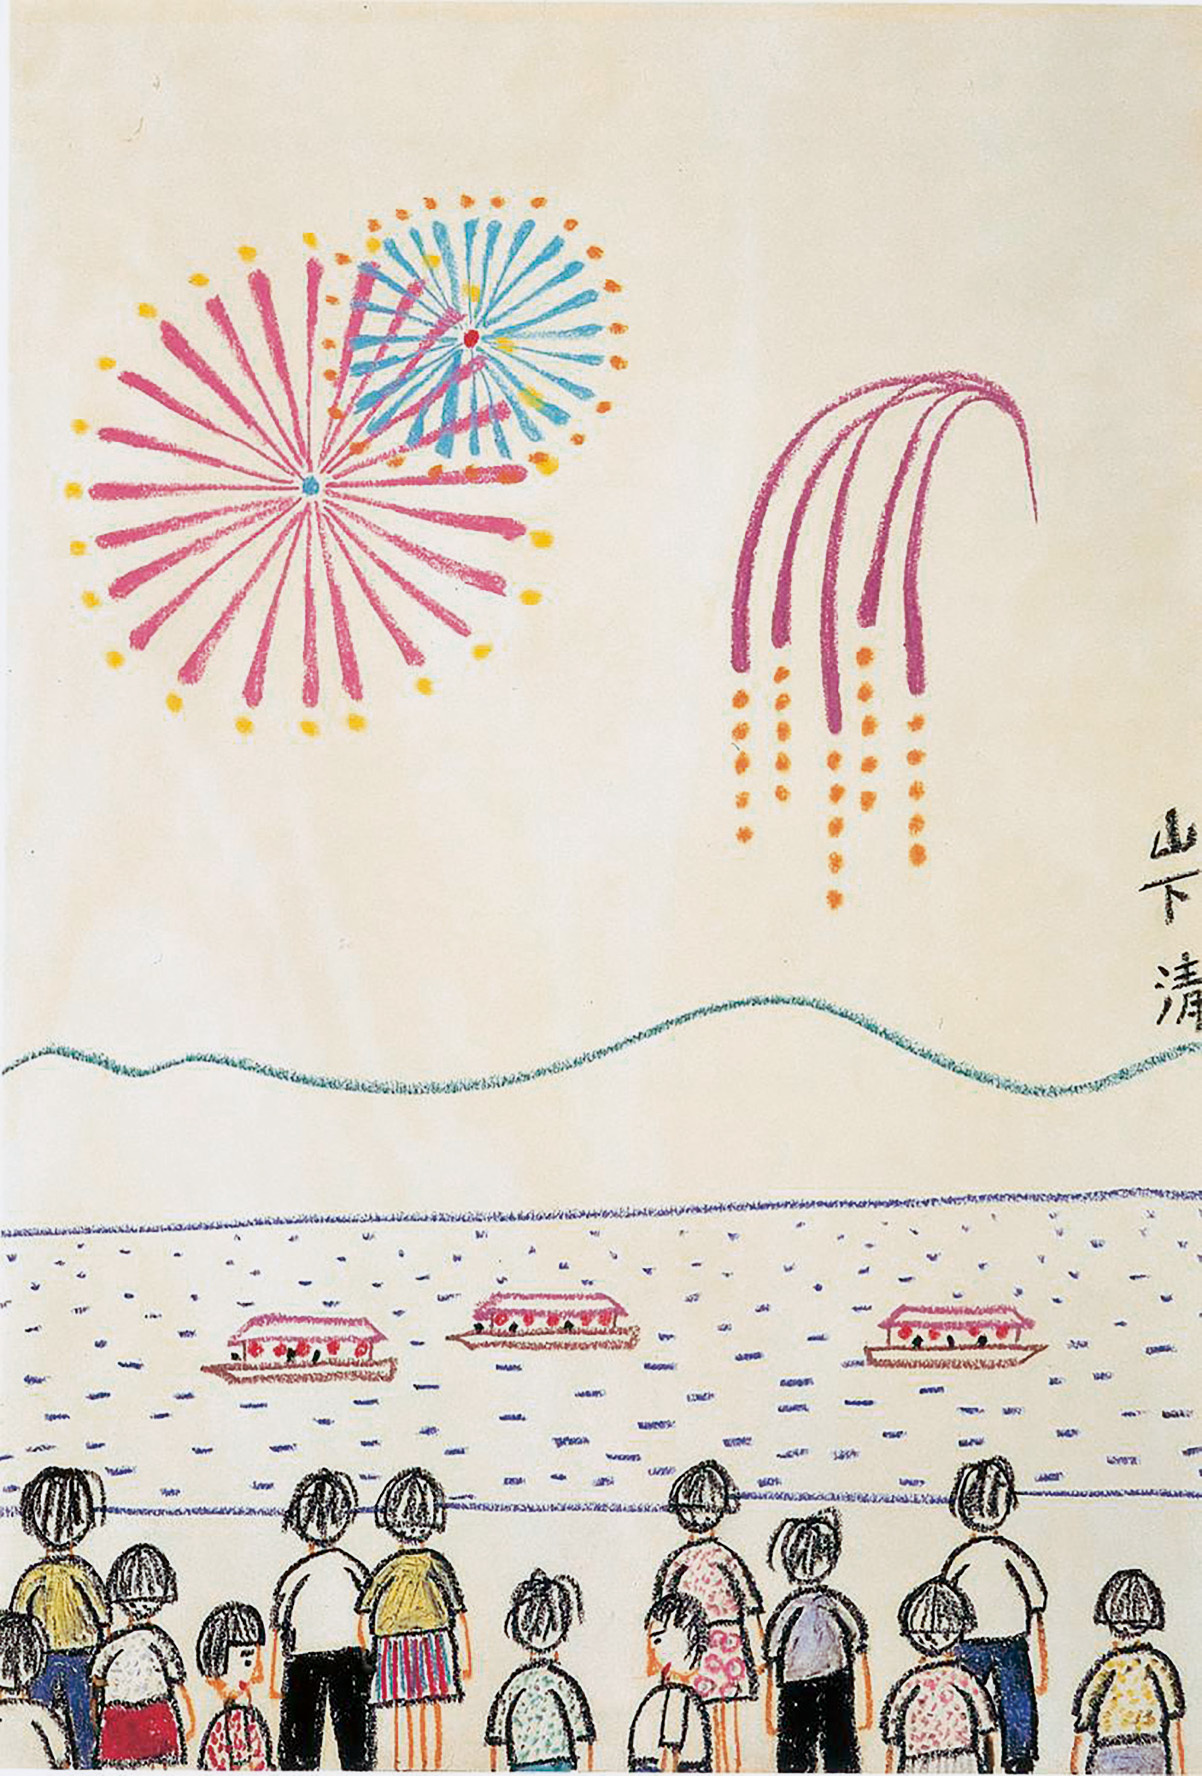 山下清《花火》 制作年不明54.4×38.5cmサクラアートミュージアム蔵